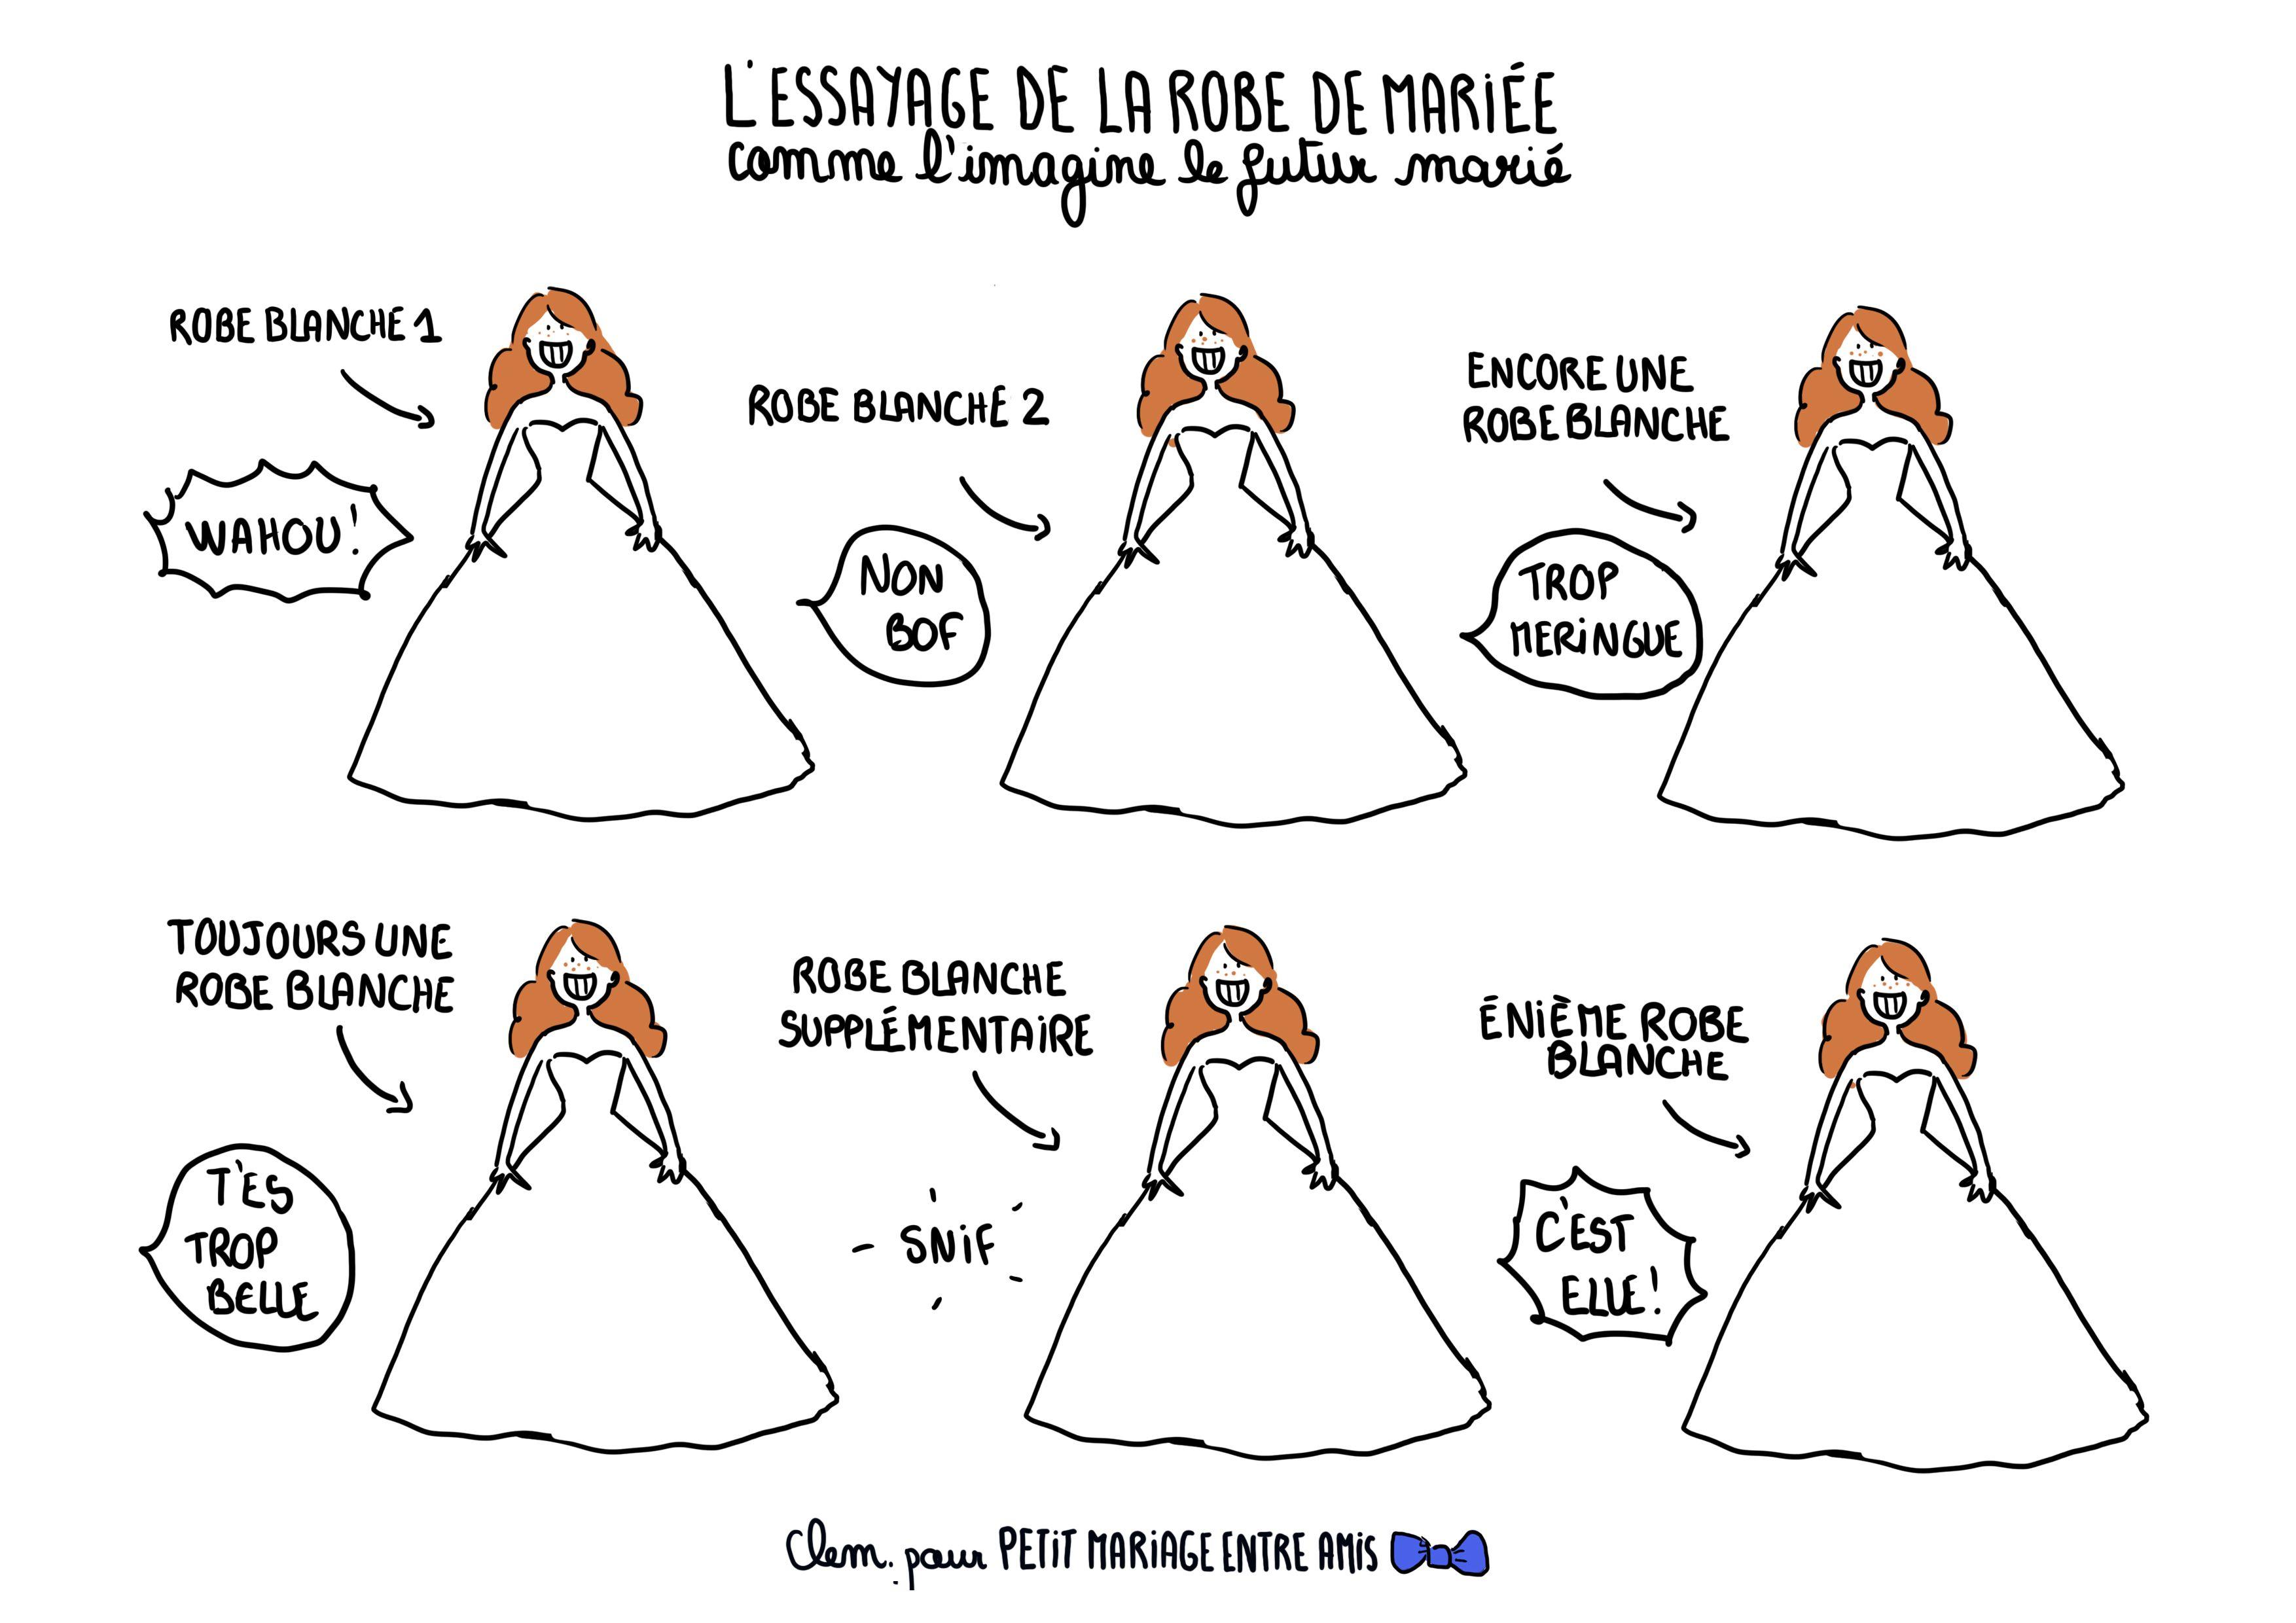 Marié Le Mariée Vus Futur Essayages La Robe Les Par De zpSLMGUVq